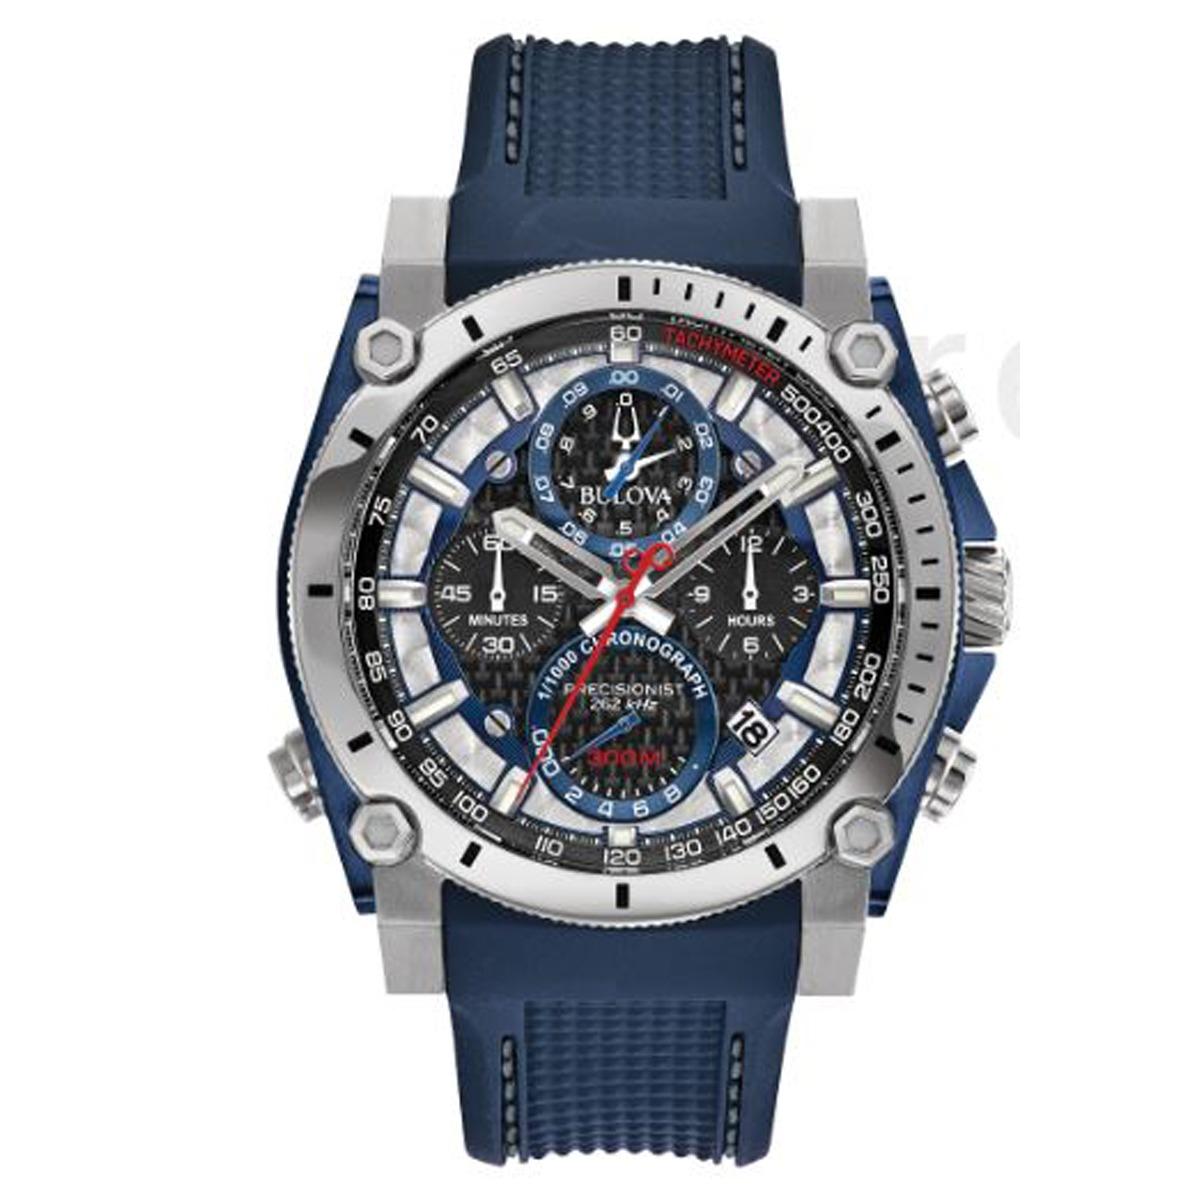 781bc31e32a relógio bulova masculino precisionist 98b315. Carregando zoom.